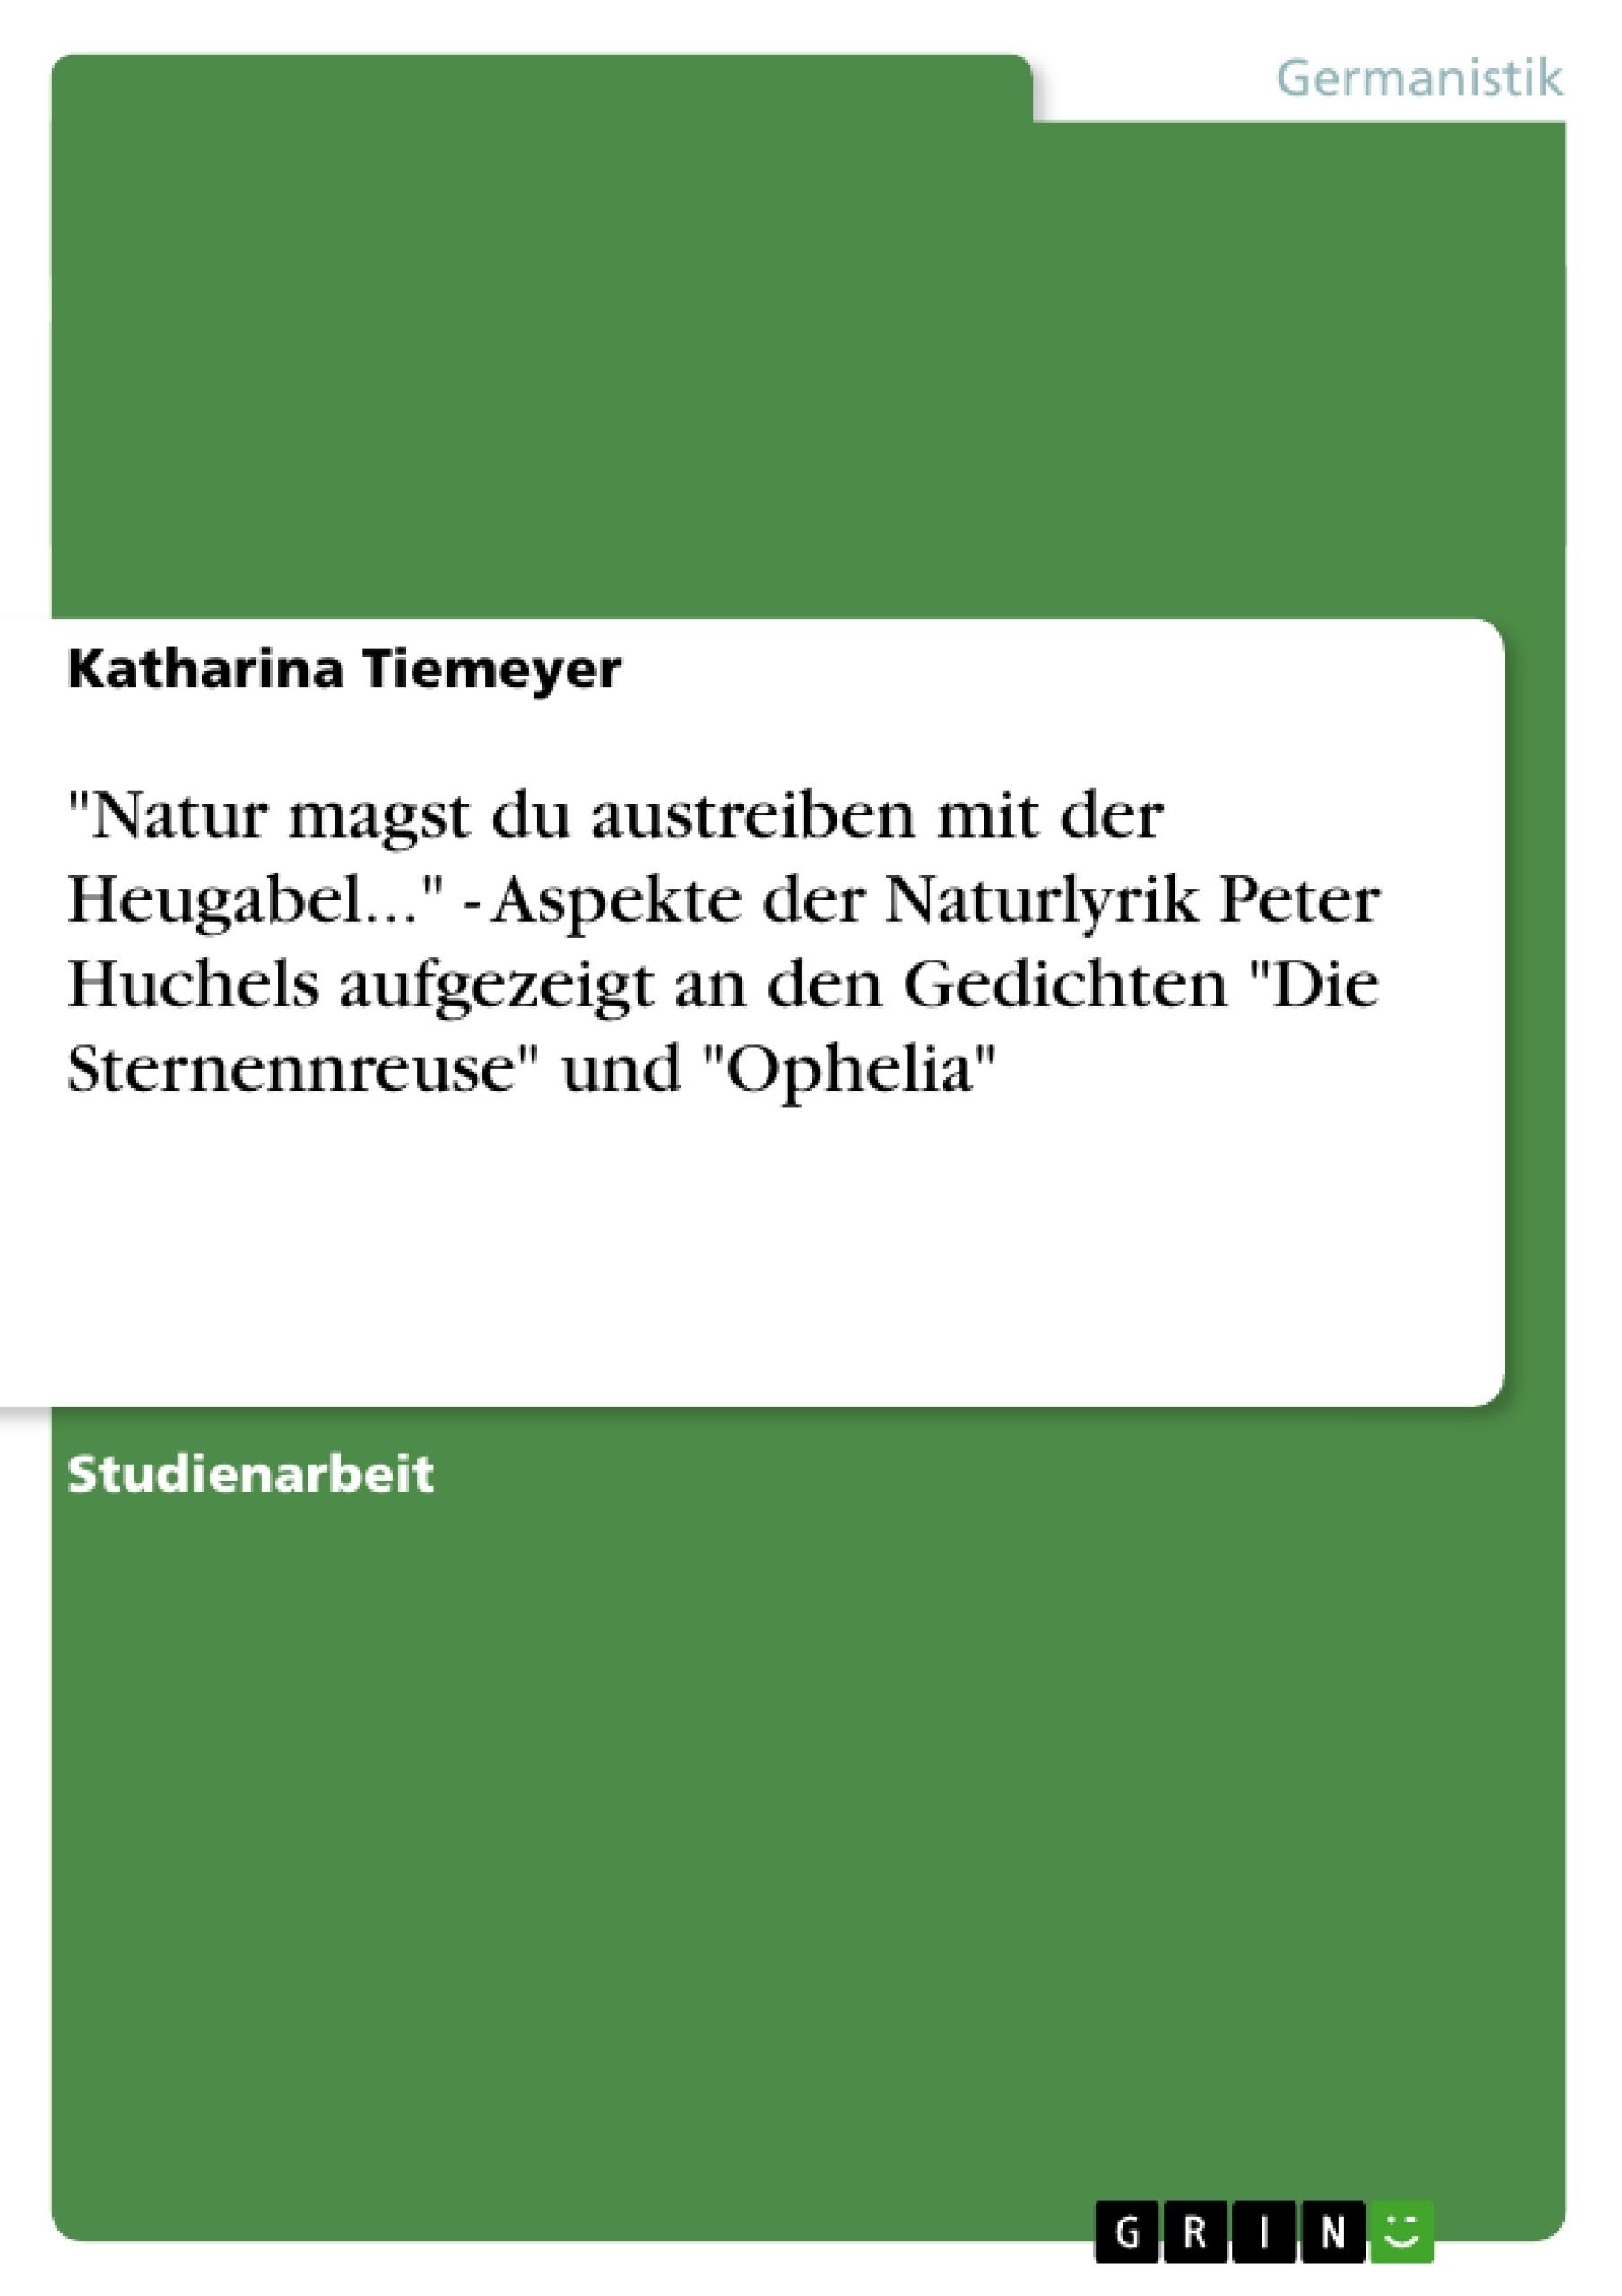 """Titel: """"Natur magst du austreiben mit der Heugabel..."""" - Aspekte der Naturlyrik Peter Huchels aufgezeigt an den Gedichten """"Die Sternennreuse"""" und """"Ophelia"""""""